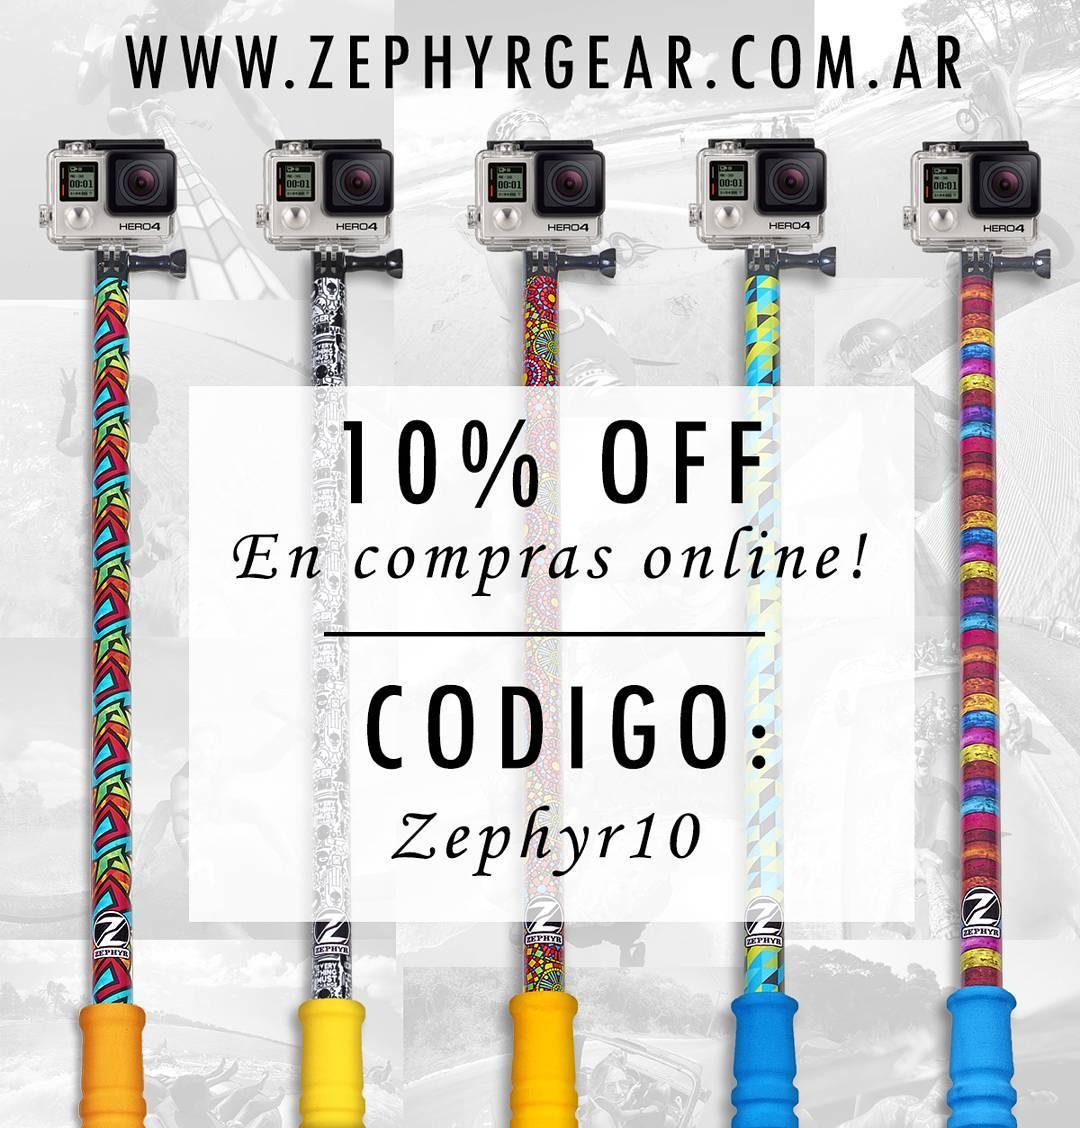 Compra en nuestro #ShopOnline con un 10% OFF !! www.zephyrgear.com.ar!